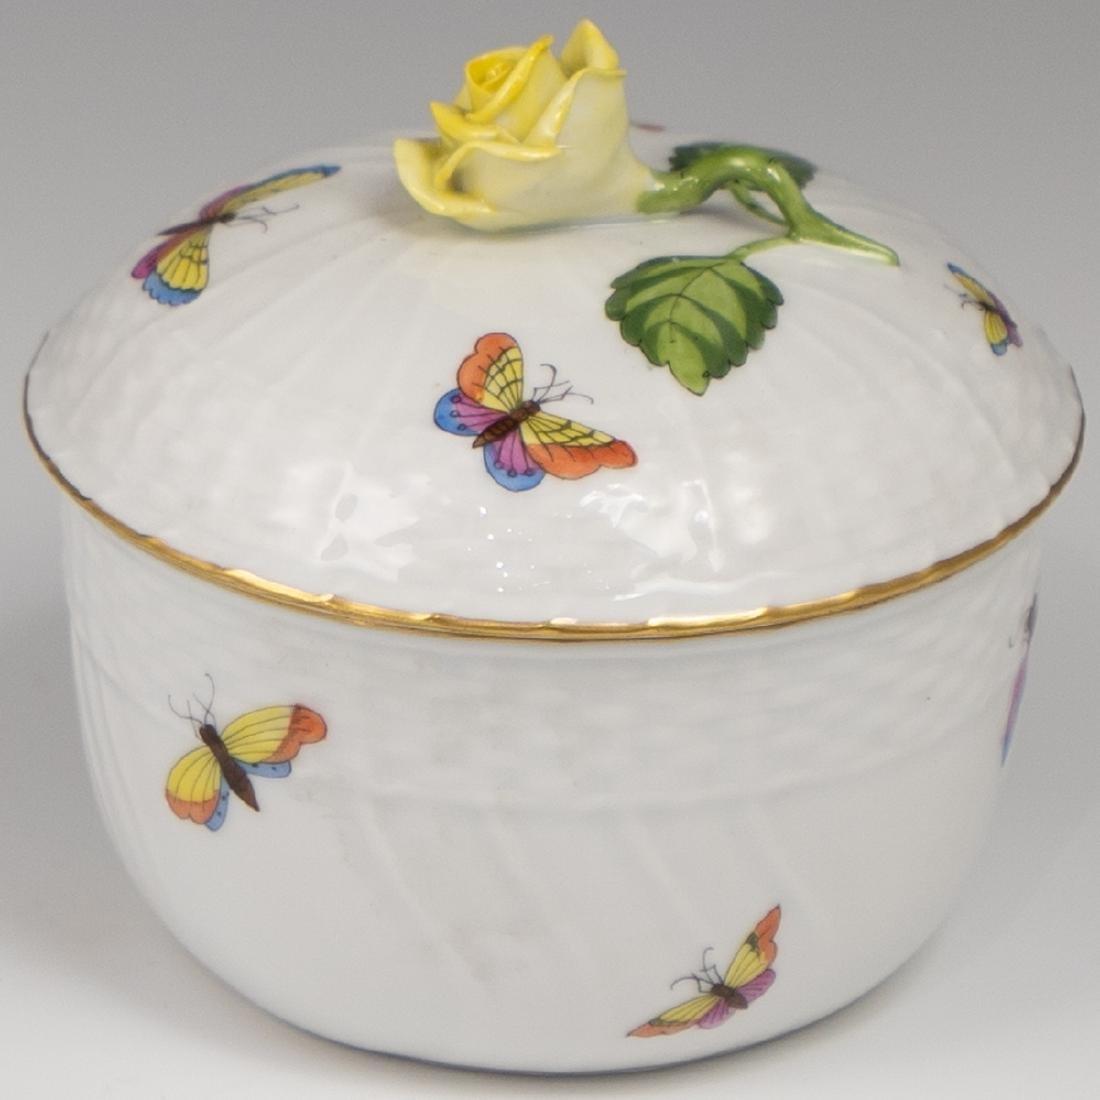 Herend Porcelain Lidded Bowl